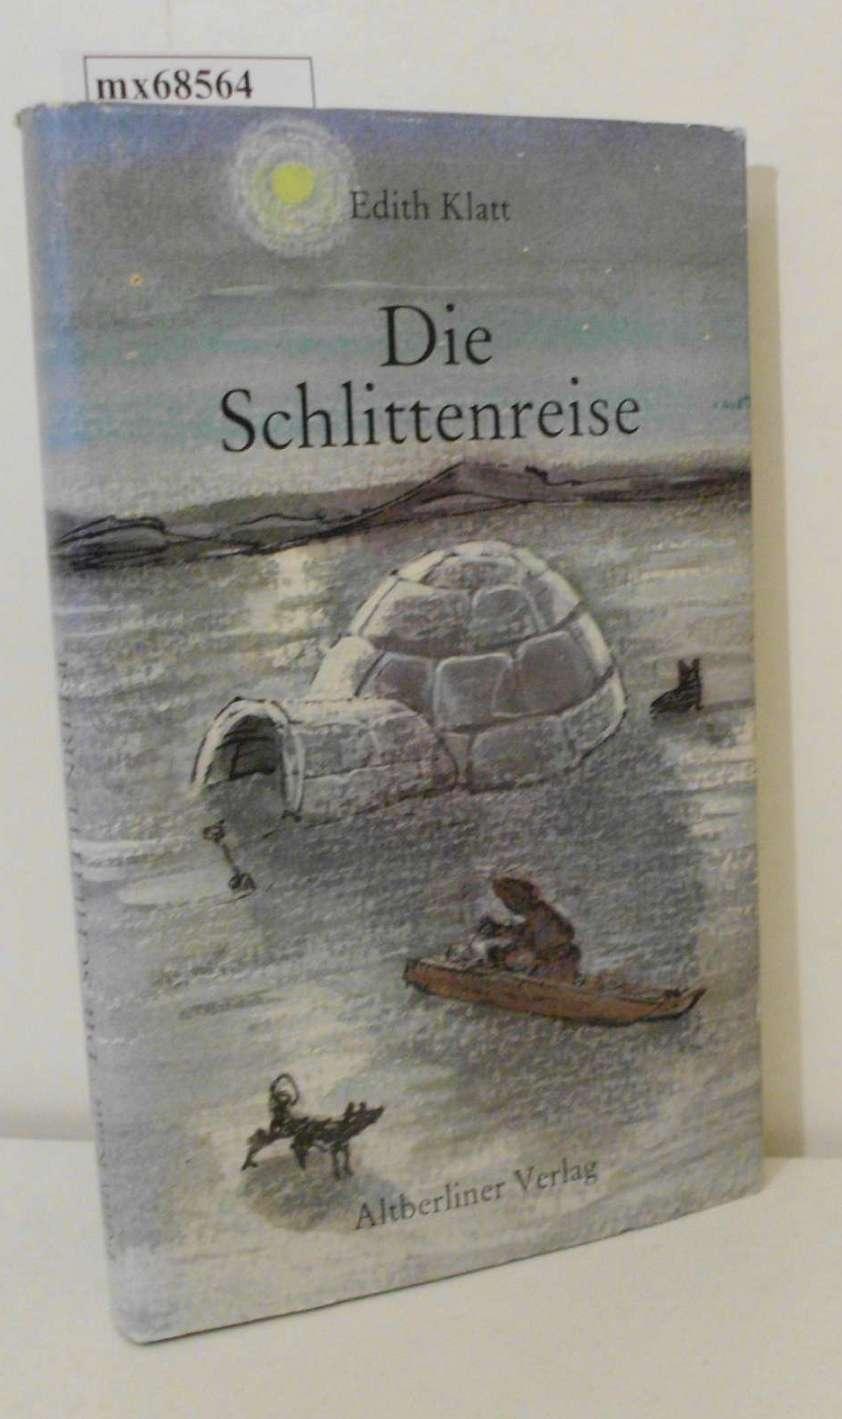 Die  Schlittenreise Edith Klatt